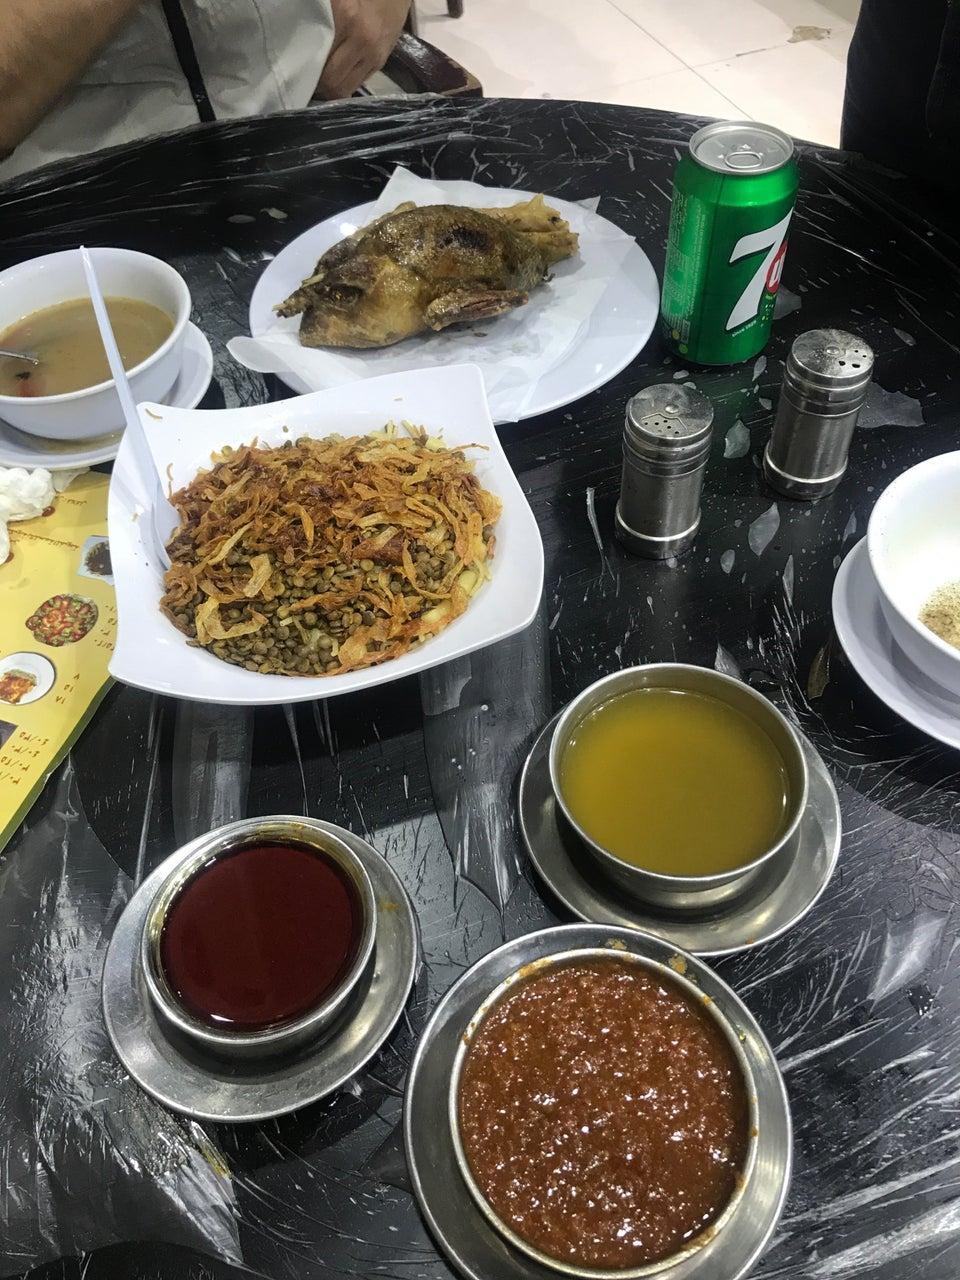 افضل مطاعم مصرية بالرياض الأسعار المنيو الموقع كافيهات و مطاعم الرياض